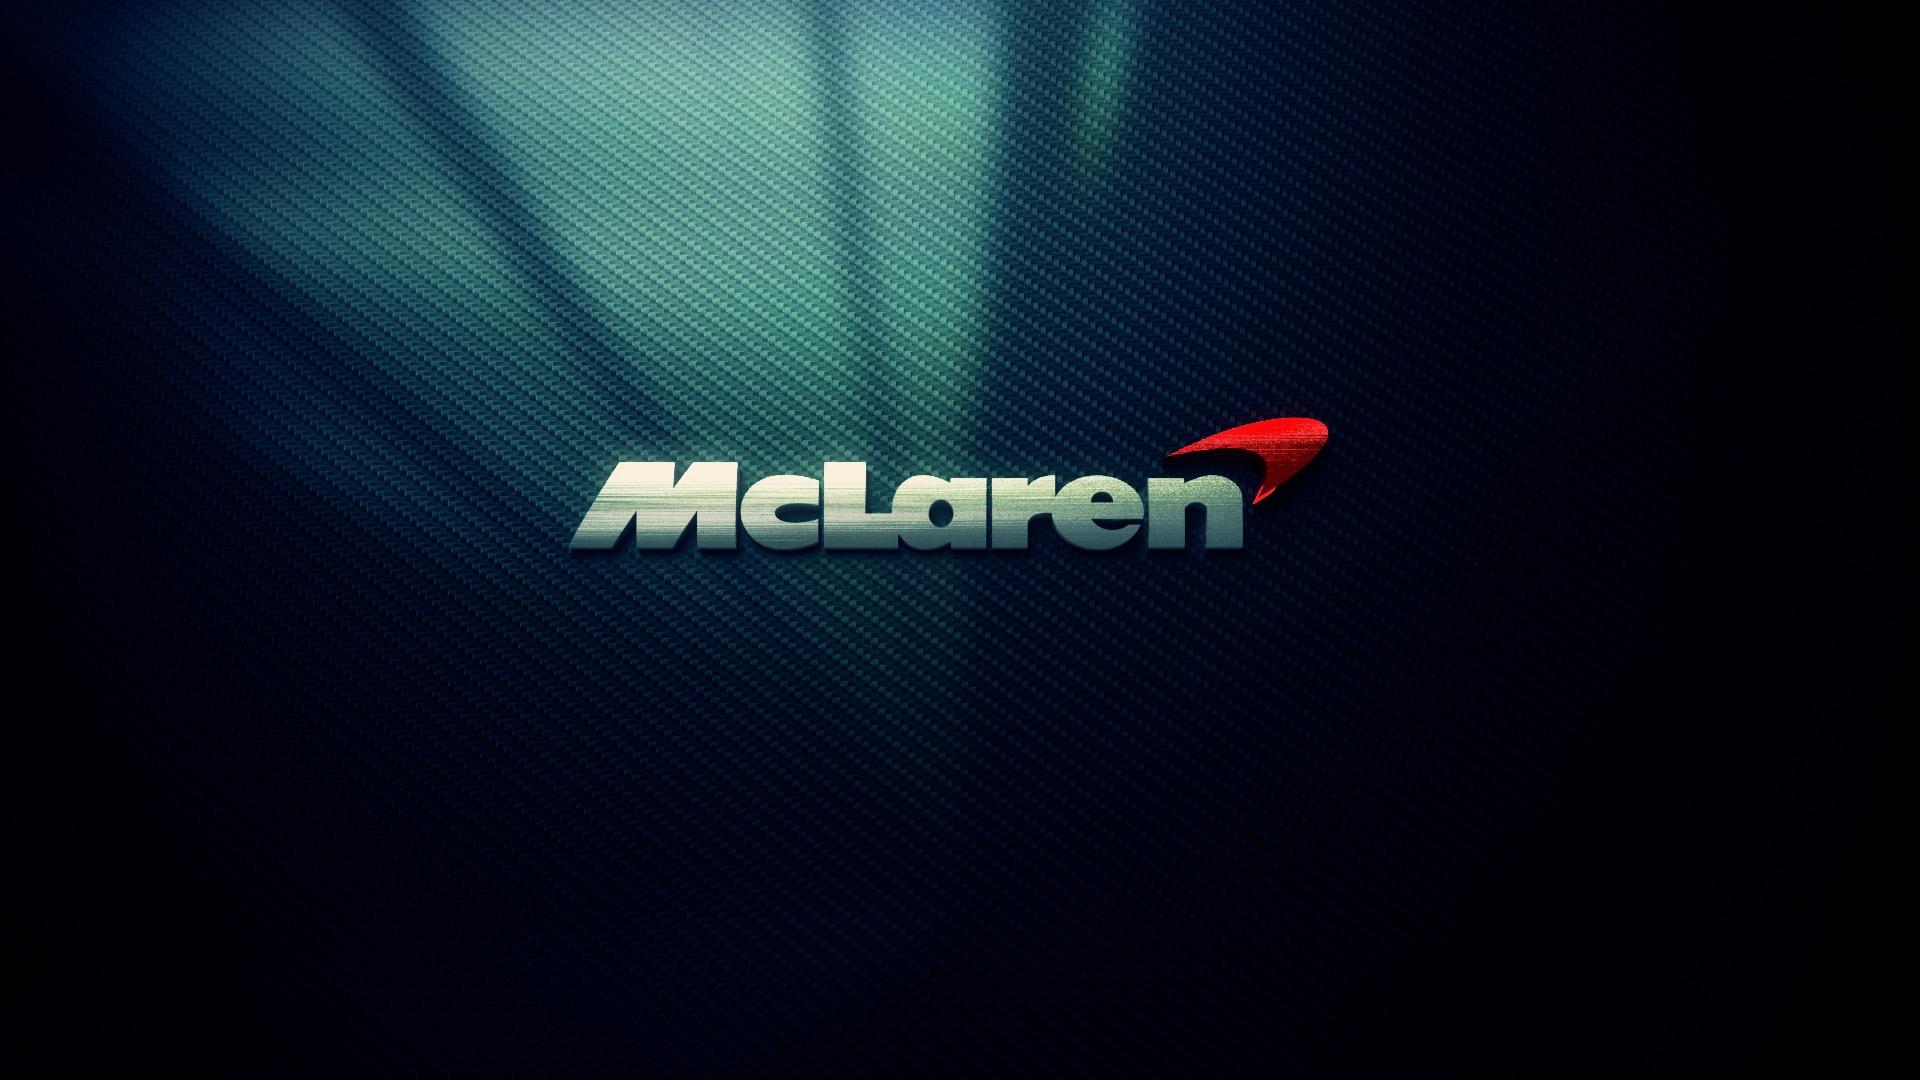 McLaren-Logo-HD-Wallpapers